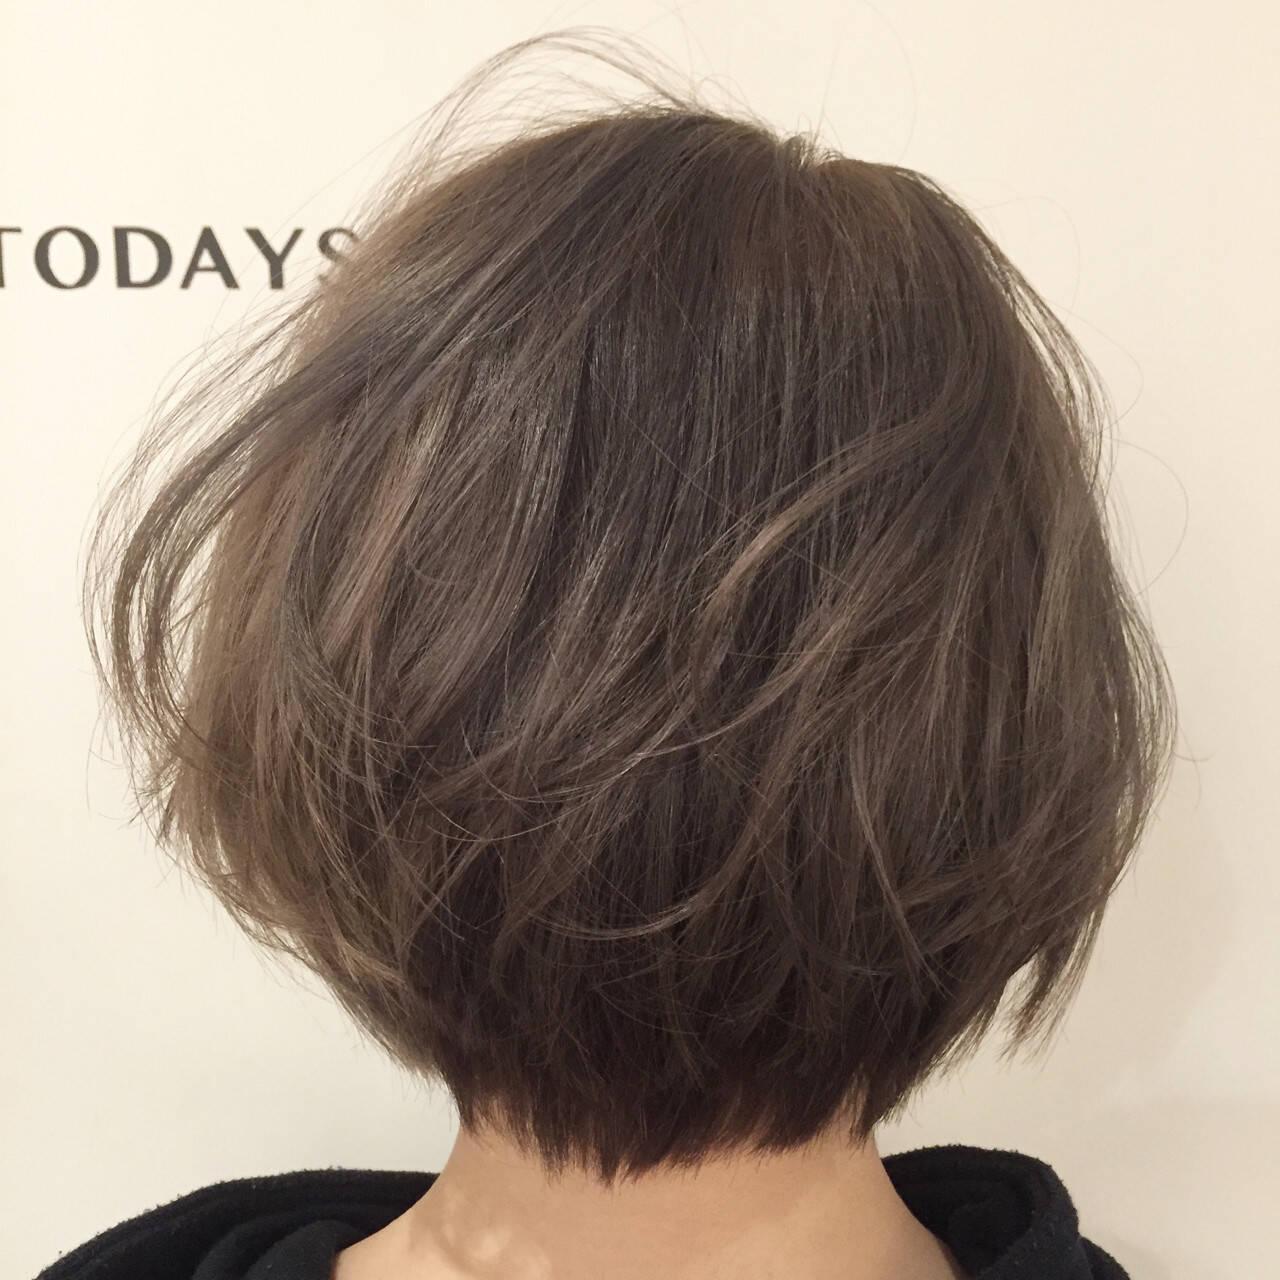 アッシュベージュ ブリーチ ストリート ショートヘアスタイルや髪型の写真・画像